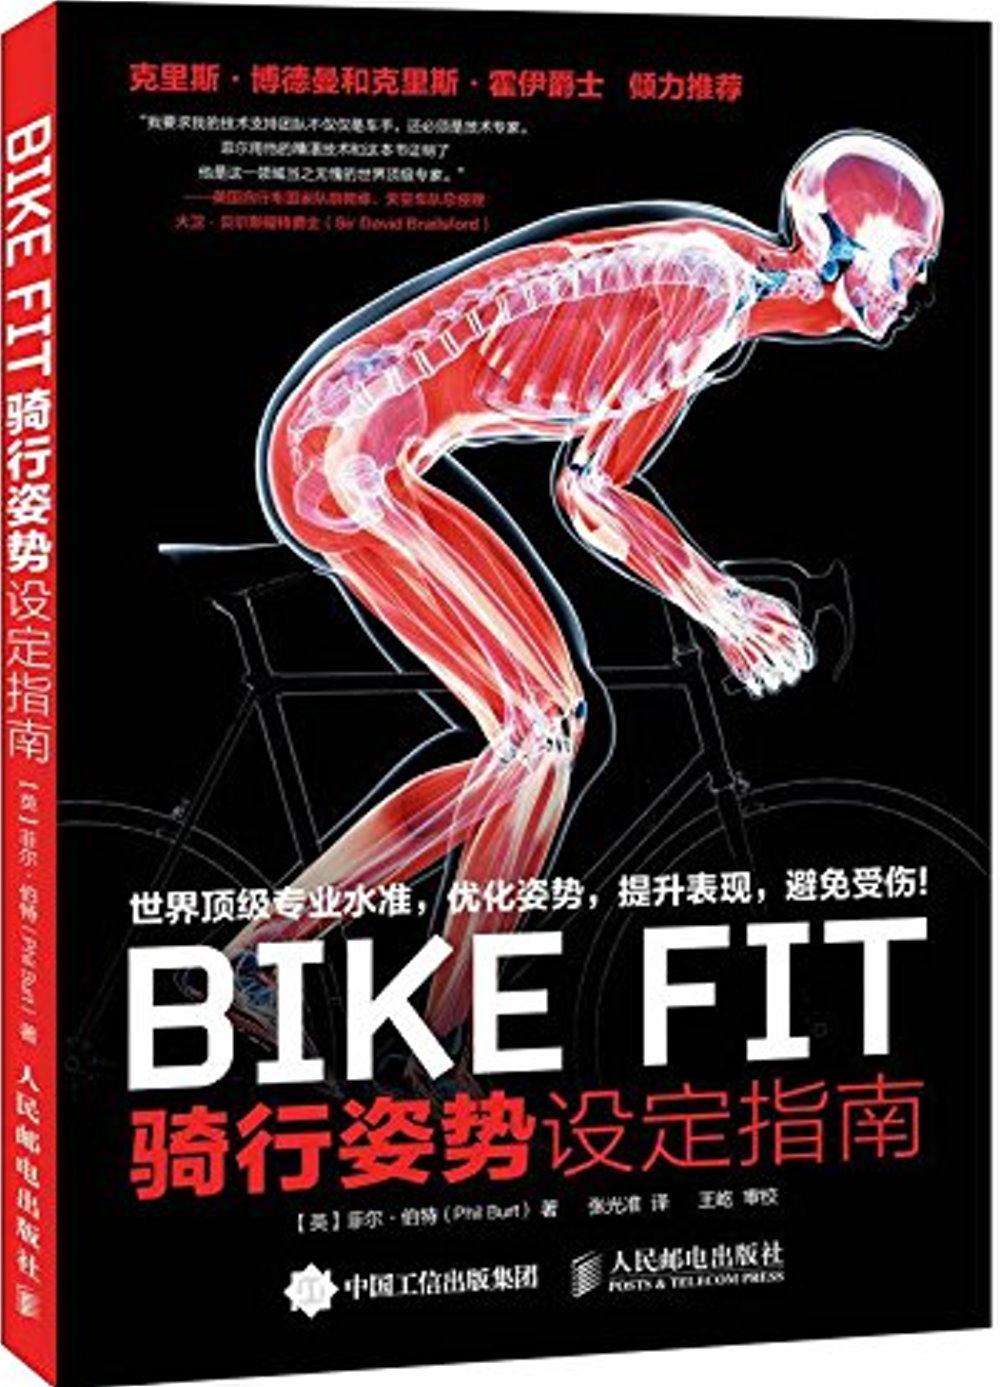 BIKE FIT:騎行姿勢設定指南